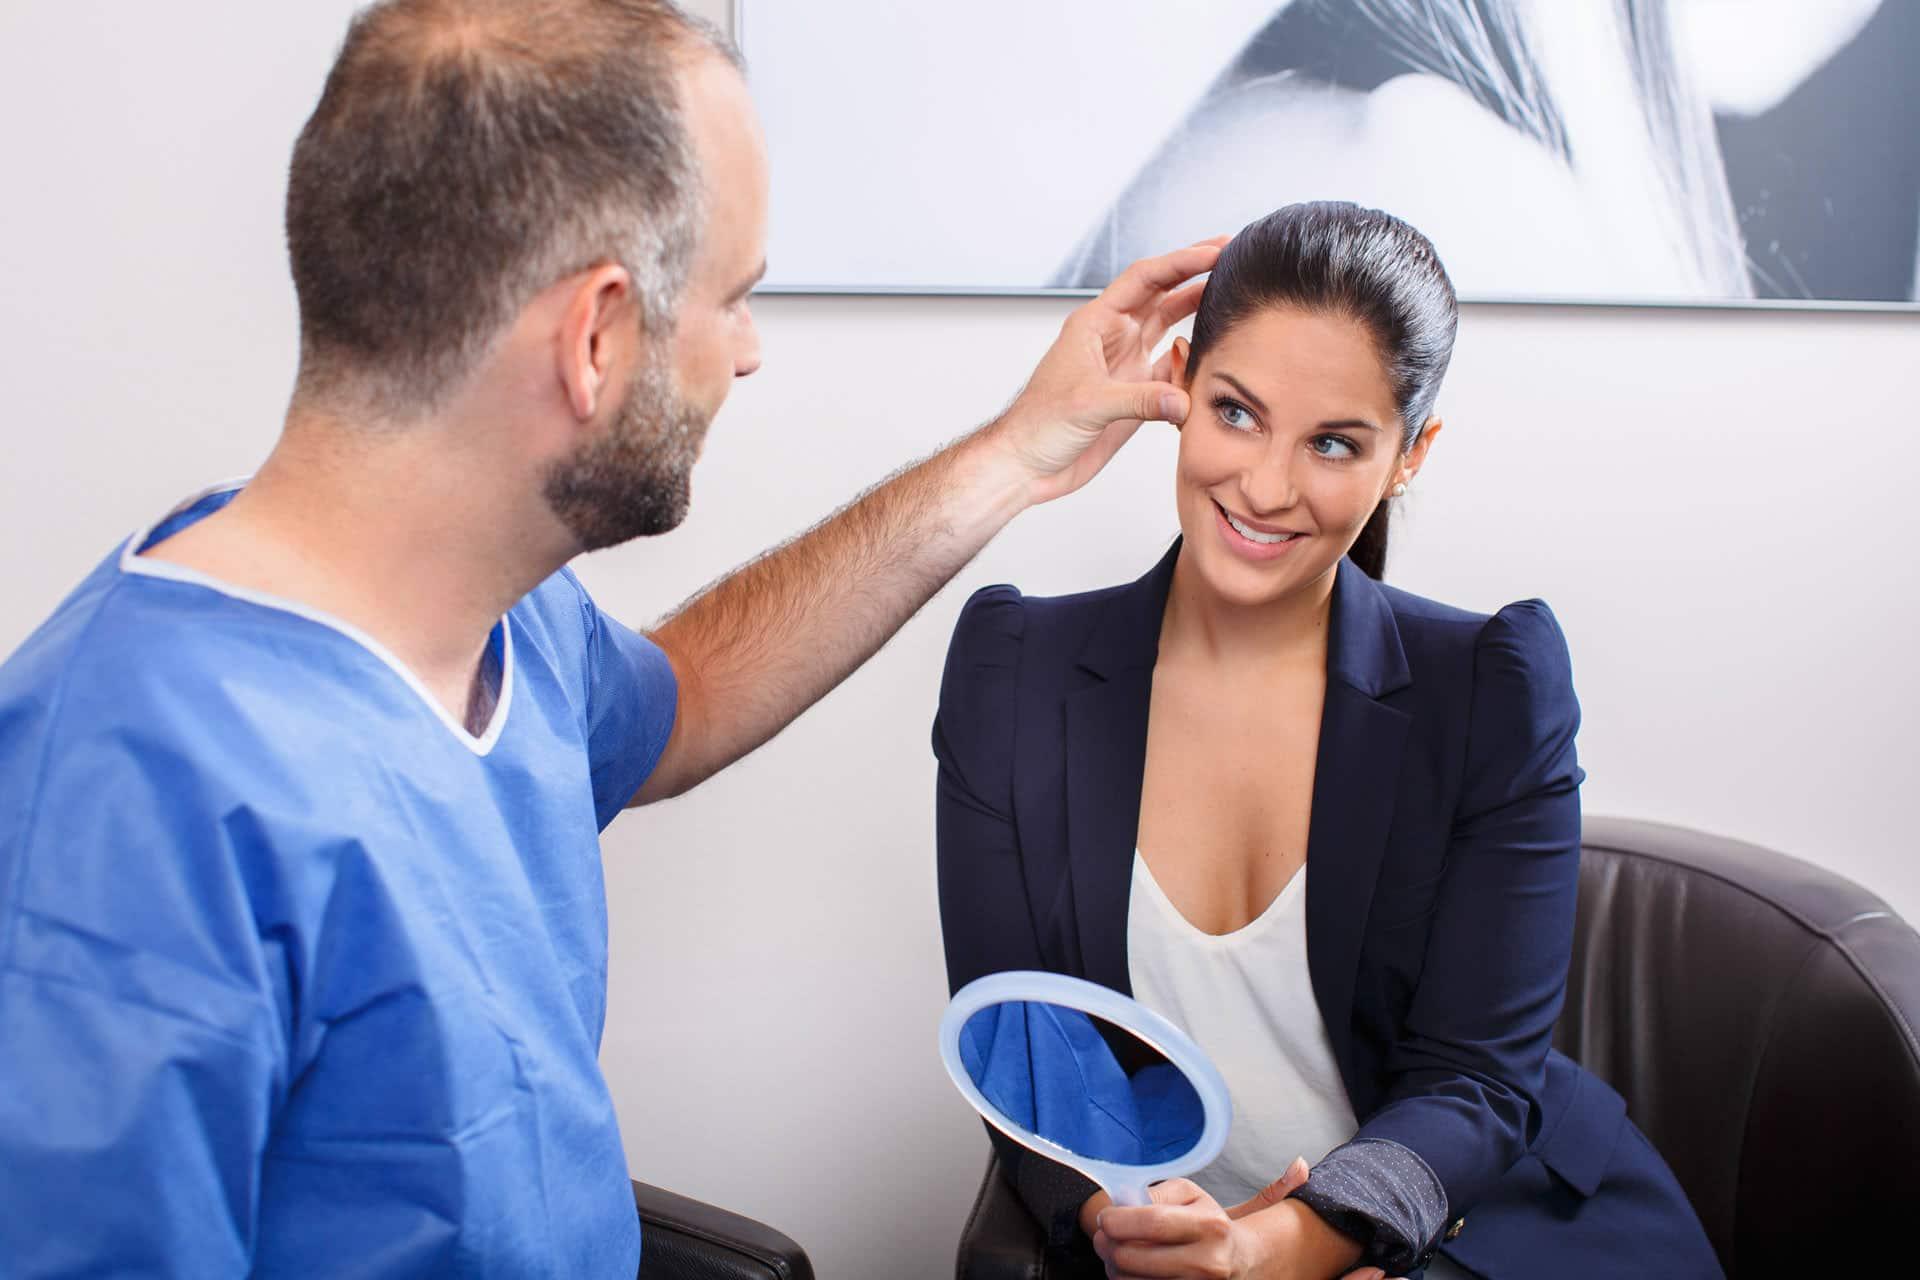 Schönheitschirurg berät Patietin zu einem Facelifting